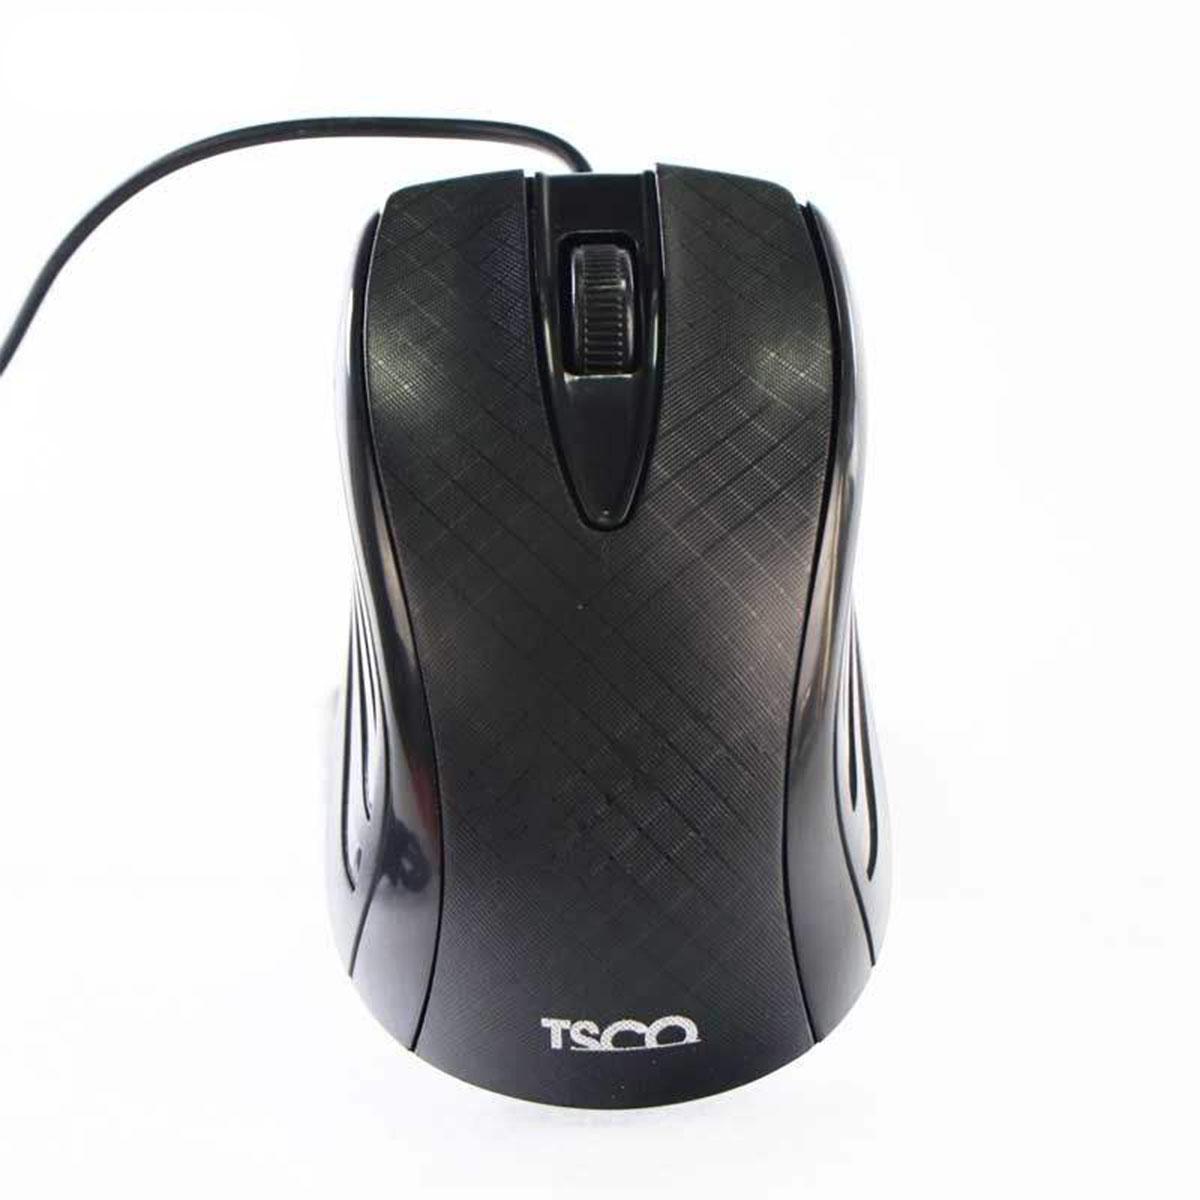 ماوس تسکو مدل TM300 کد 80